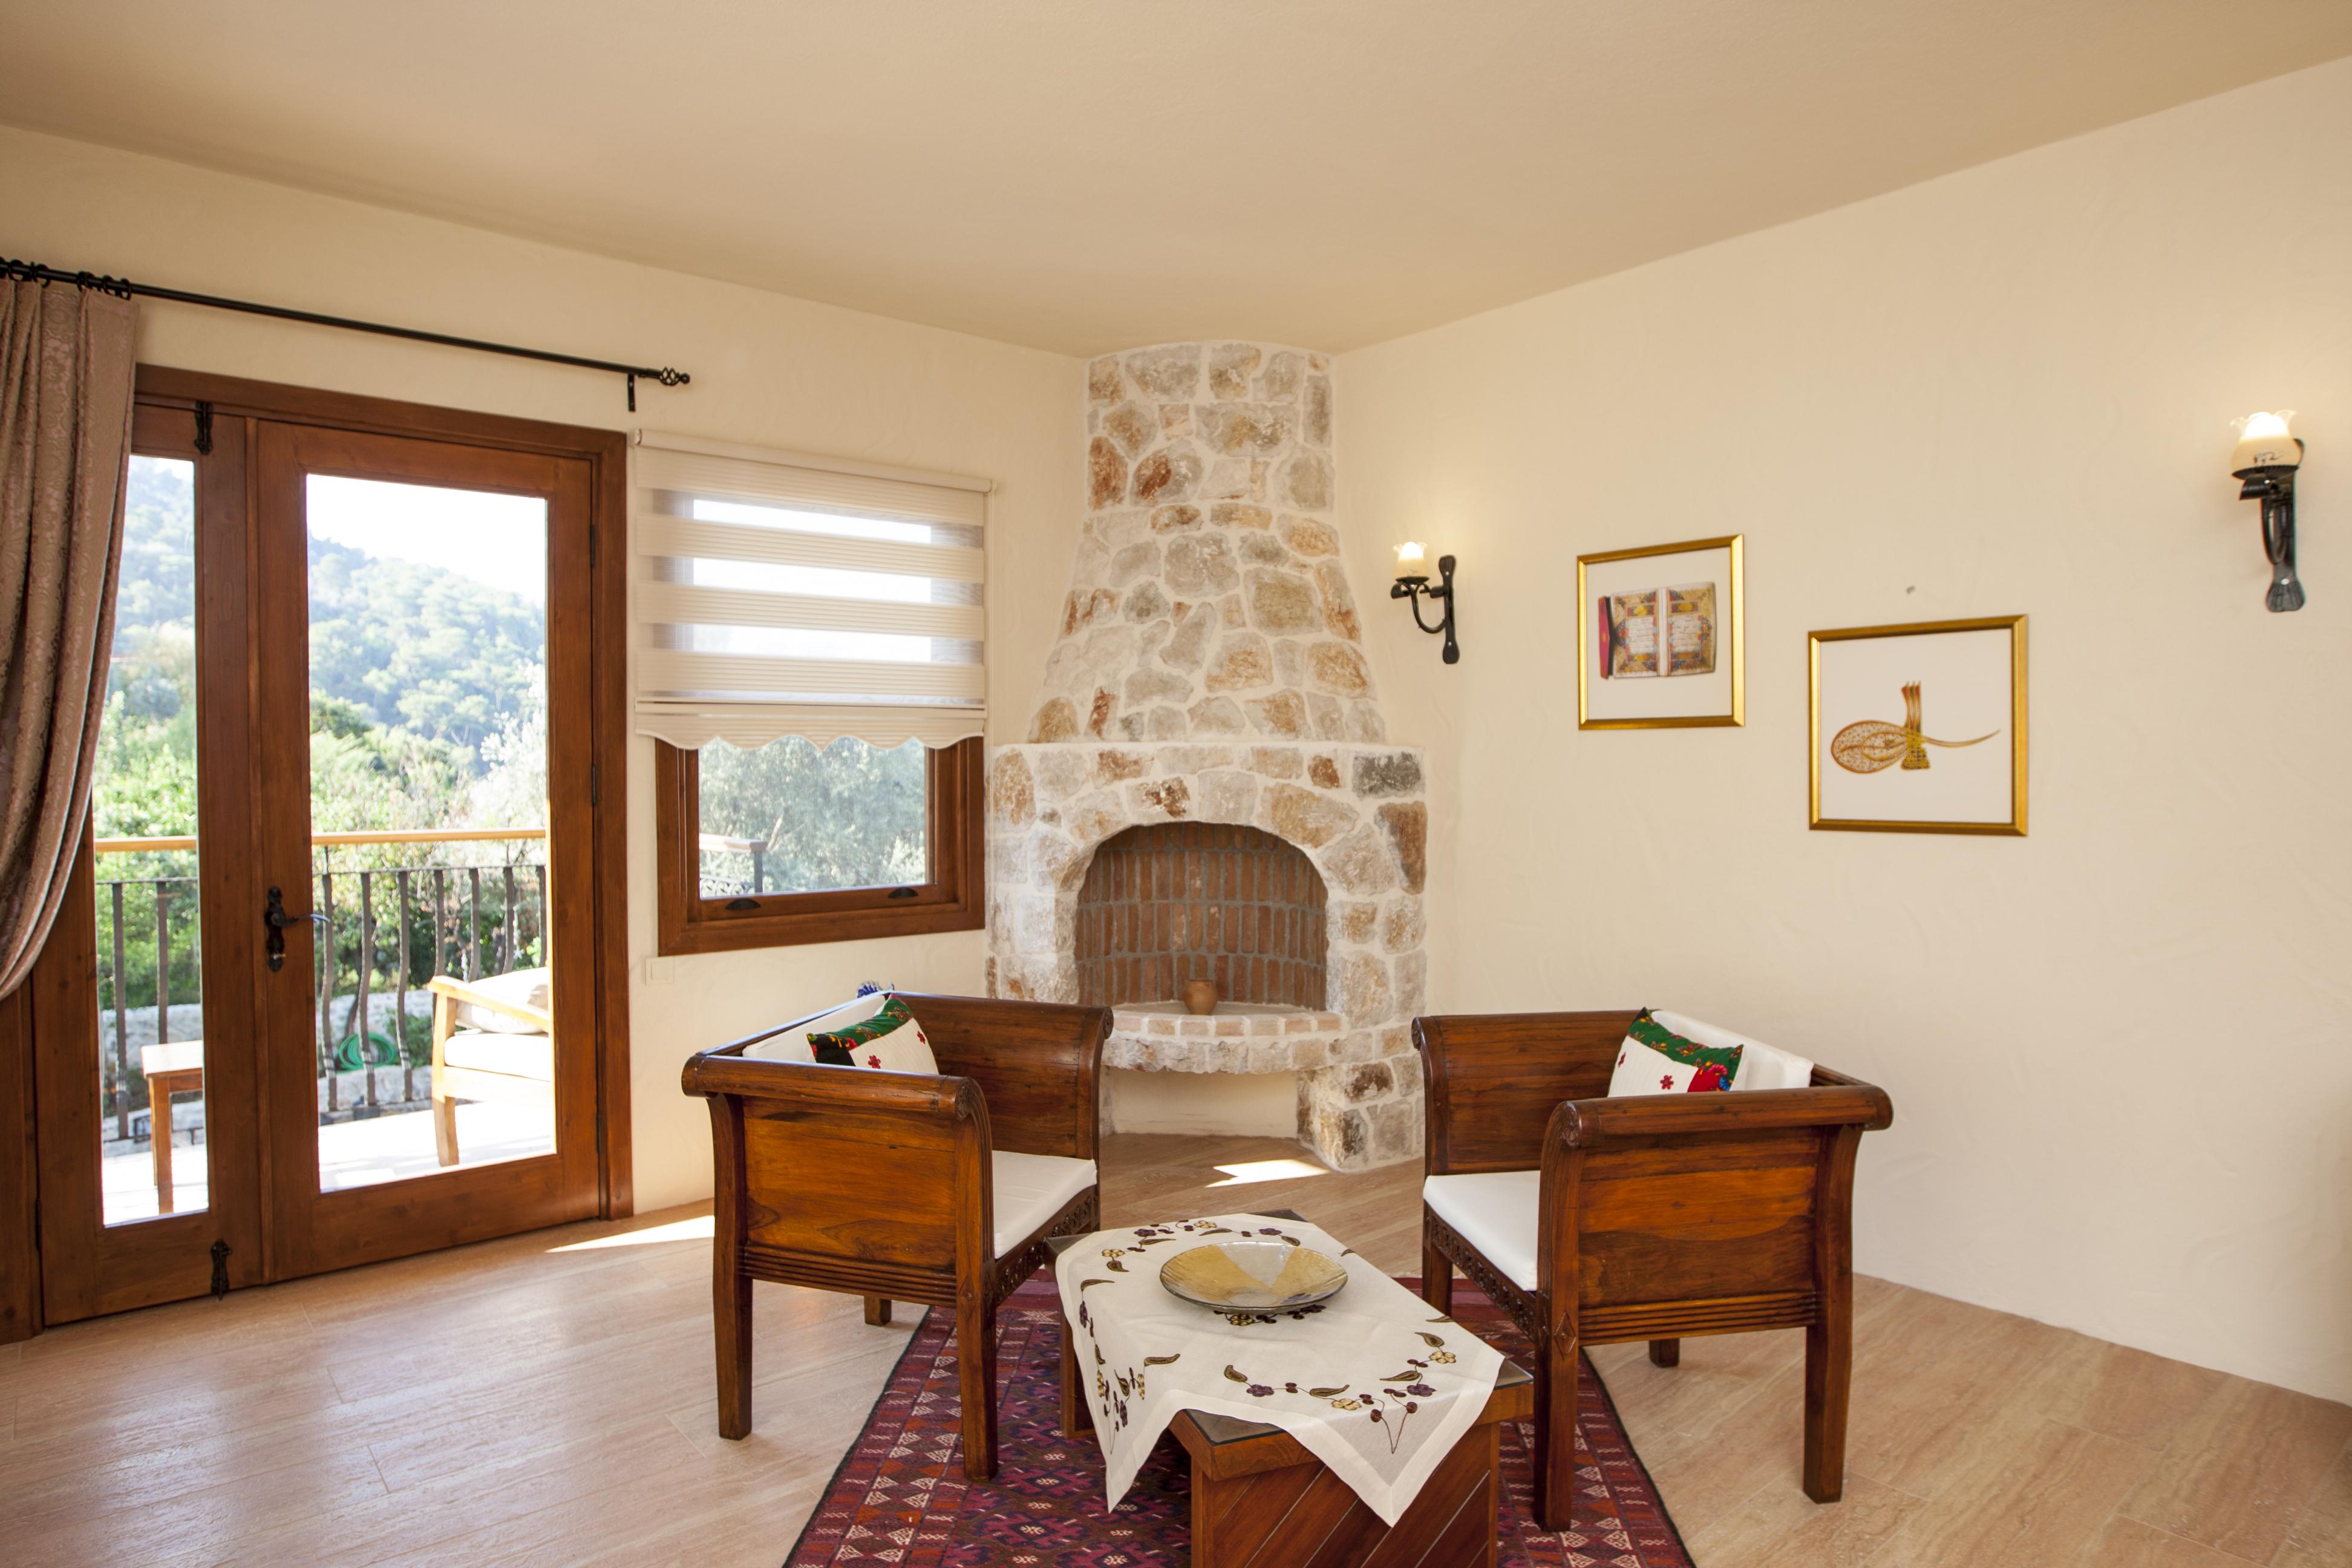 Appartement de vacances Luxuriöse Unterkunft und persönliches Ambiente in unzerstörter Natur. (2636883), Fethiye, , Région Egéenne, Turquie, image 11